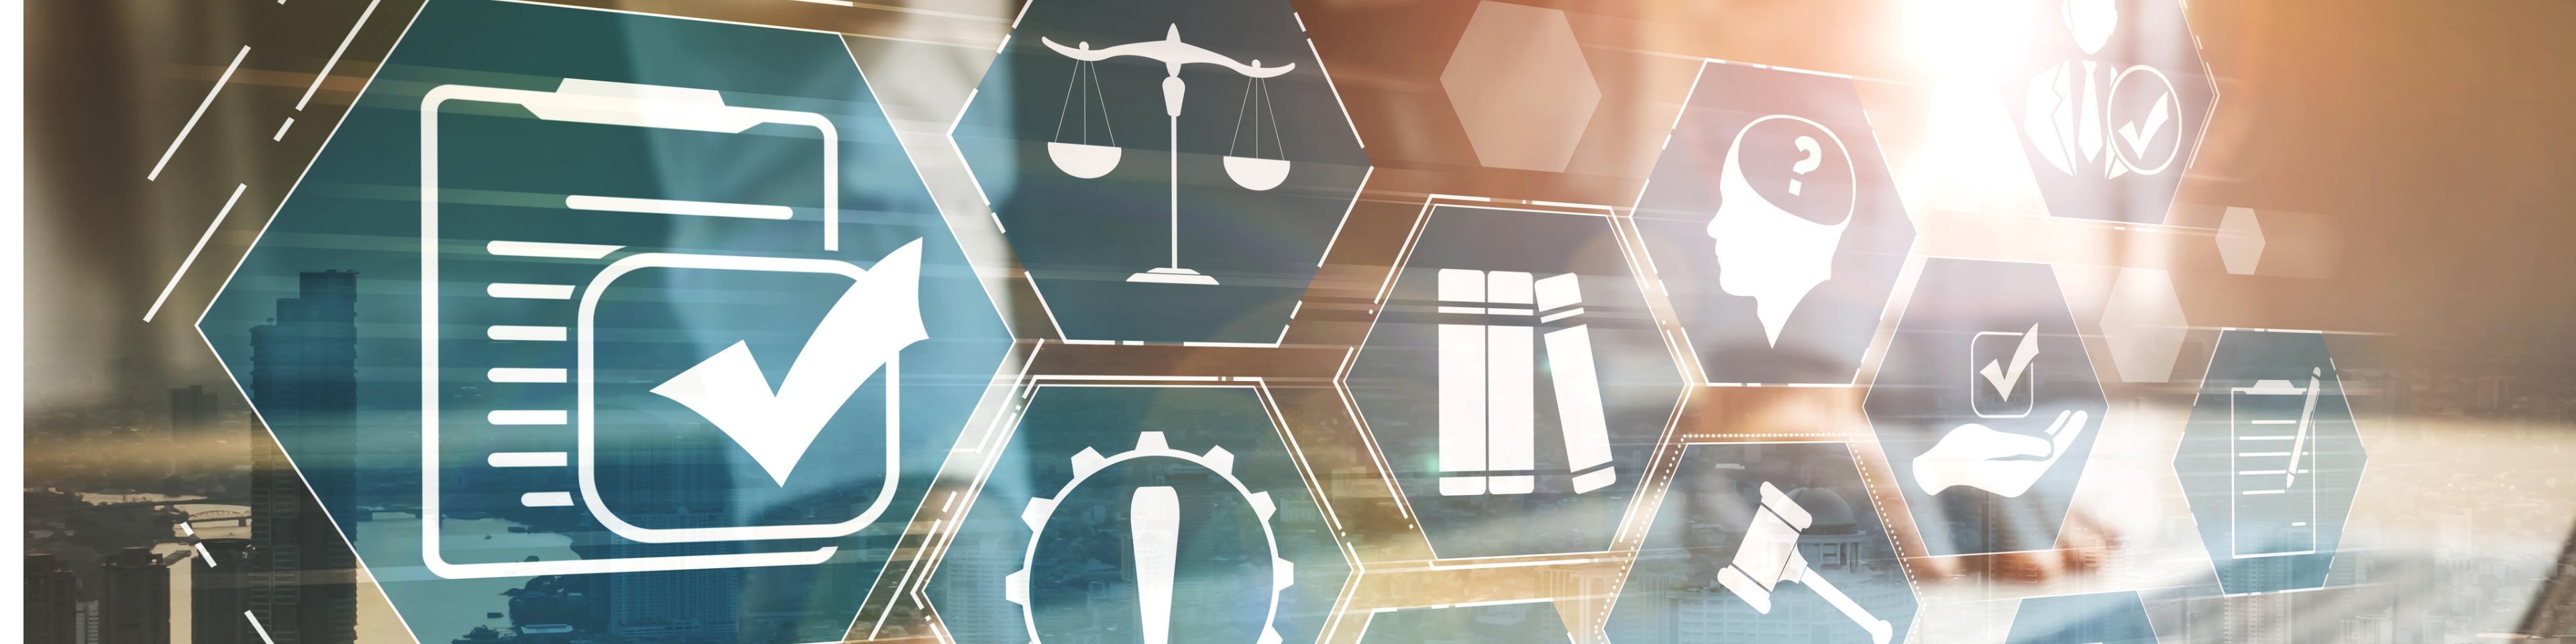 cabinet d'avocat plus intelligent et préparez le pour l'avenir